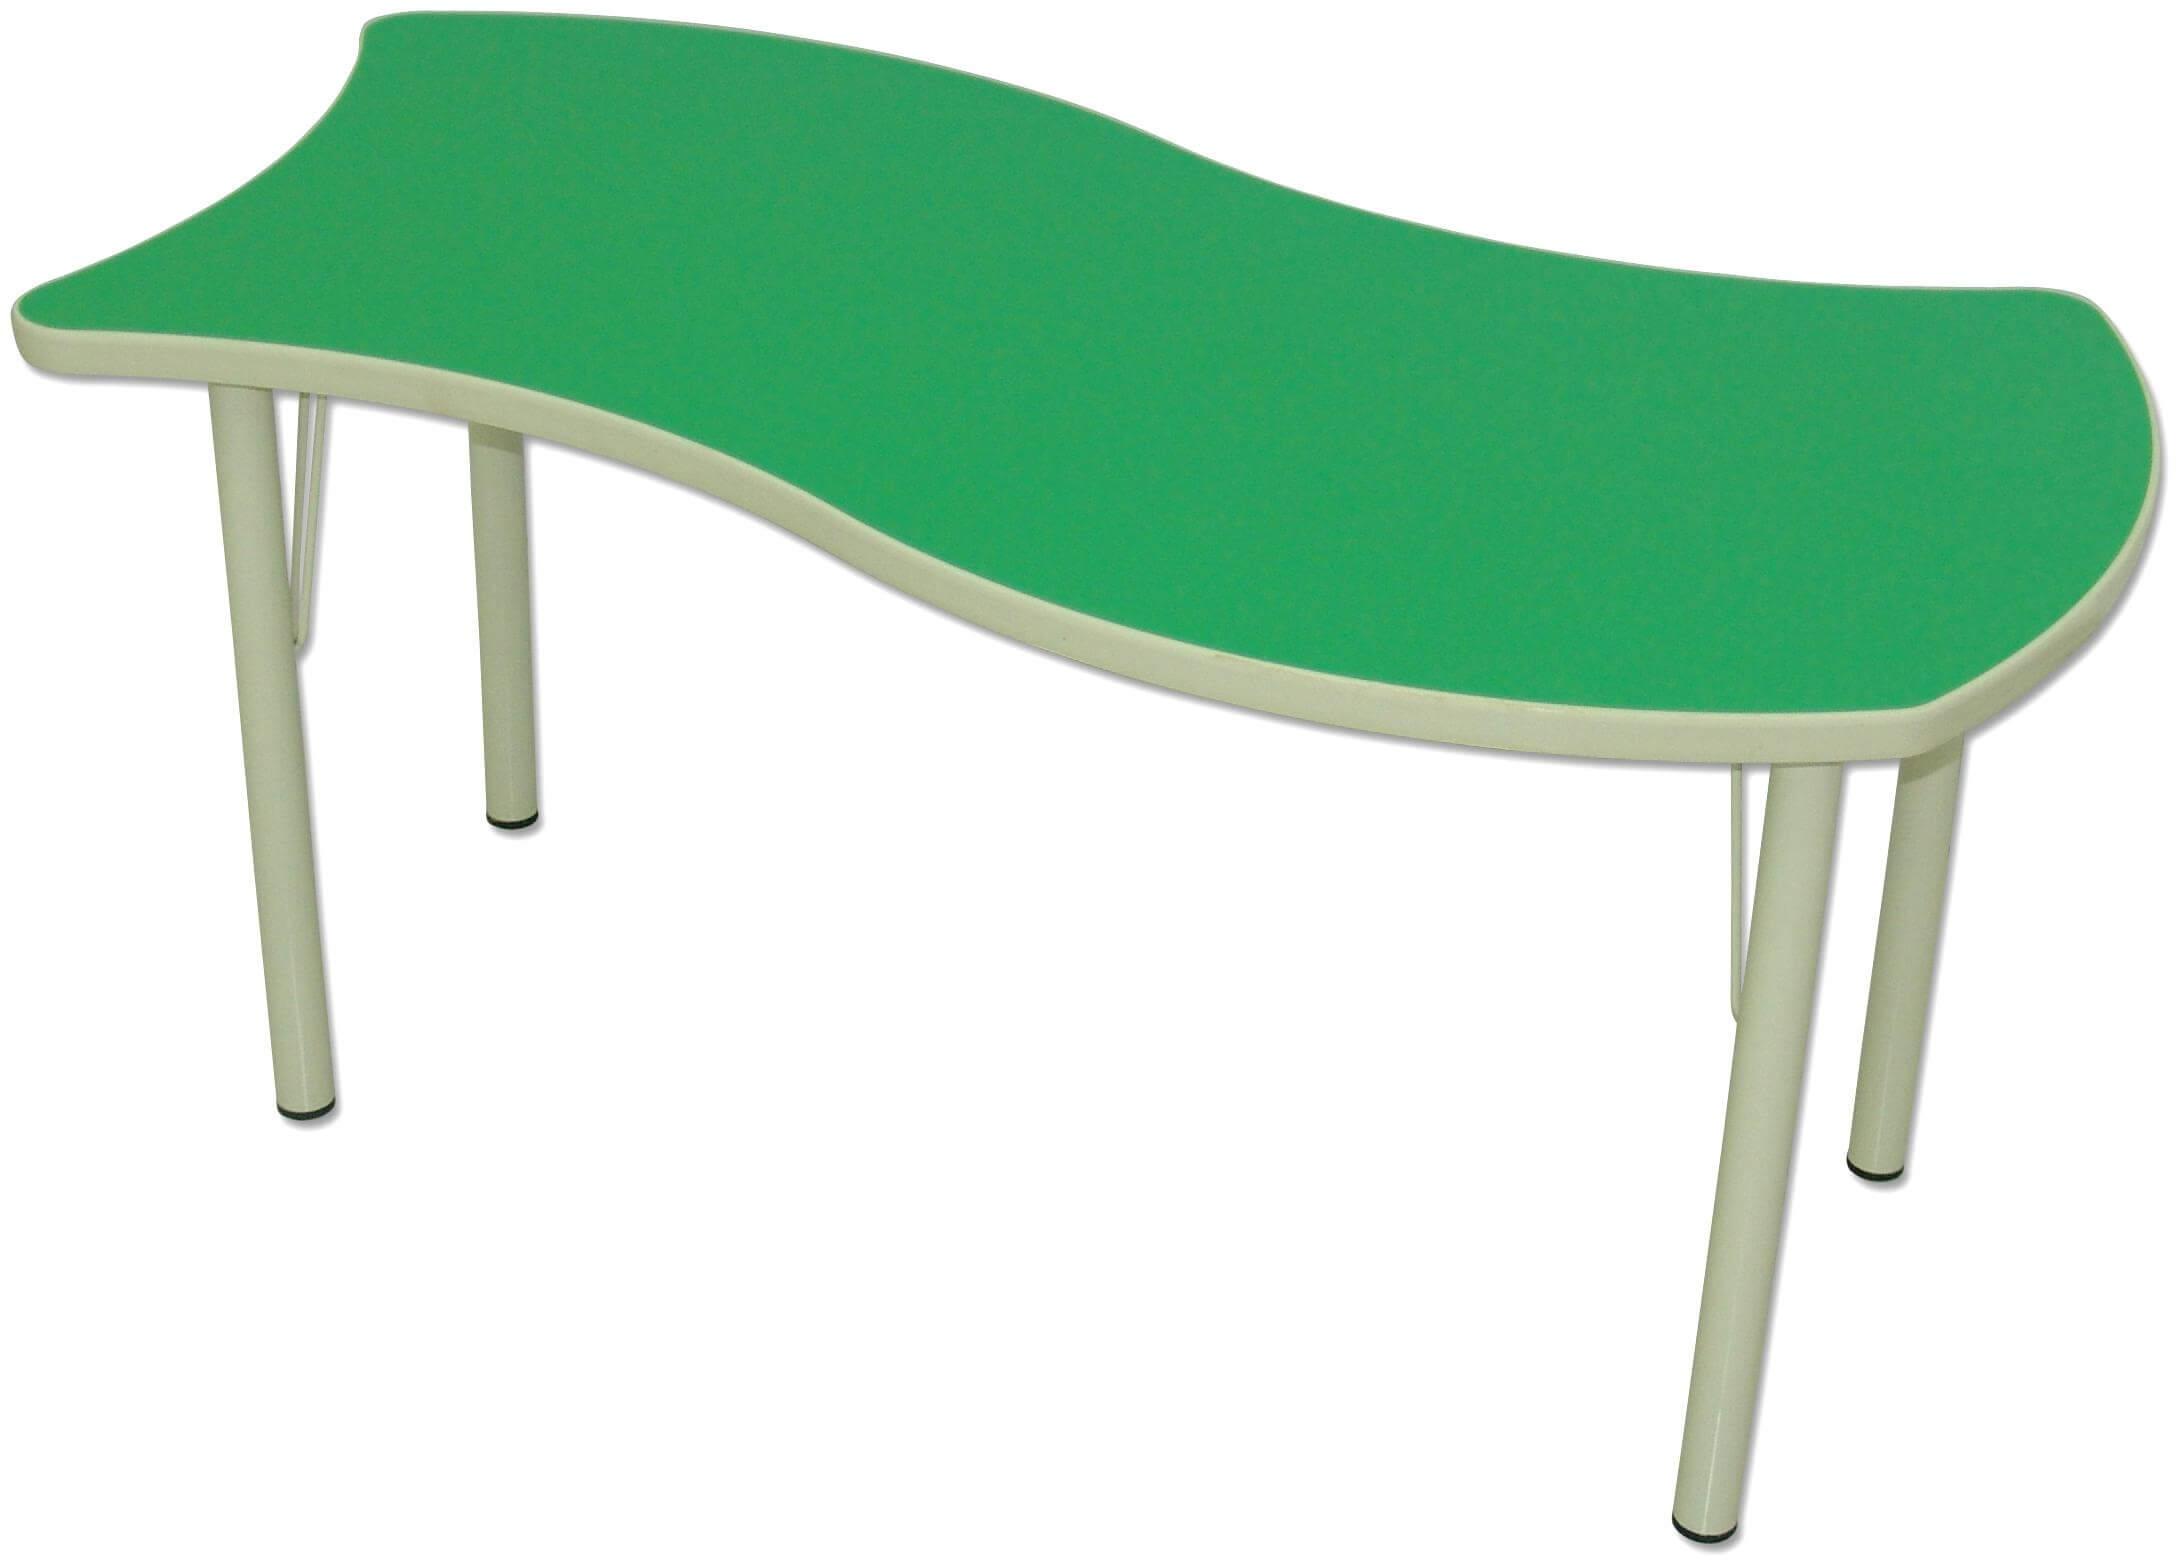 School Furniture School Furniture in India School